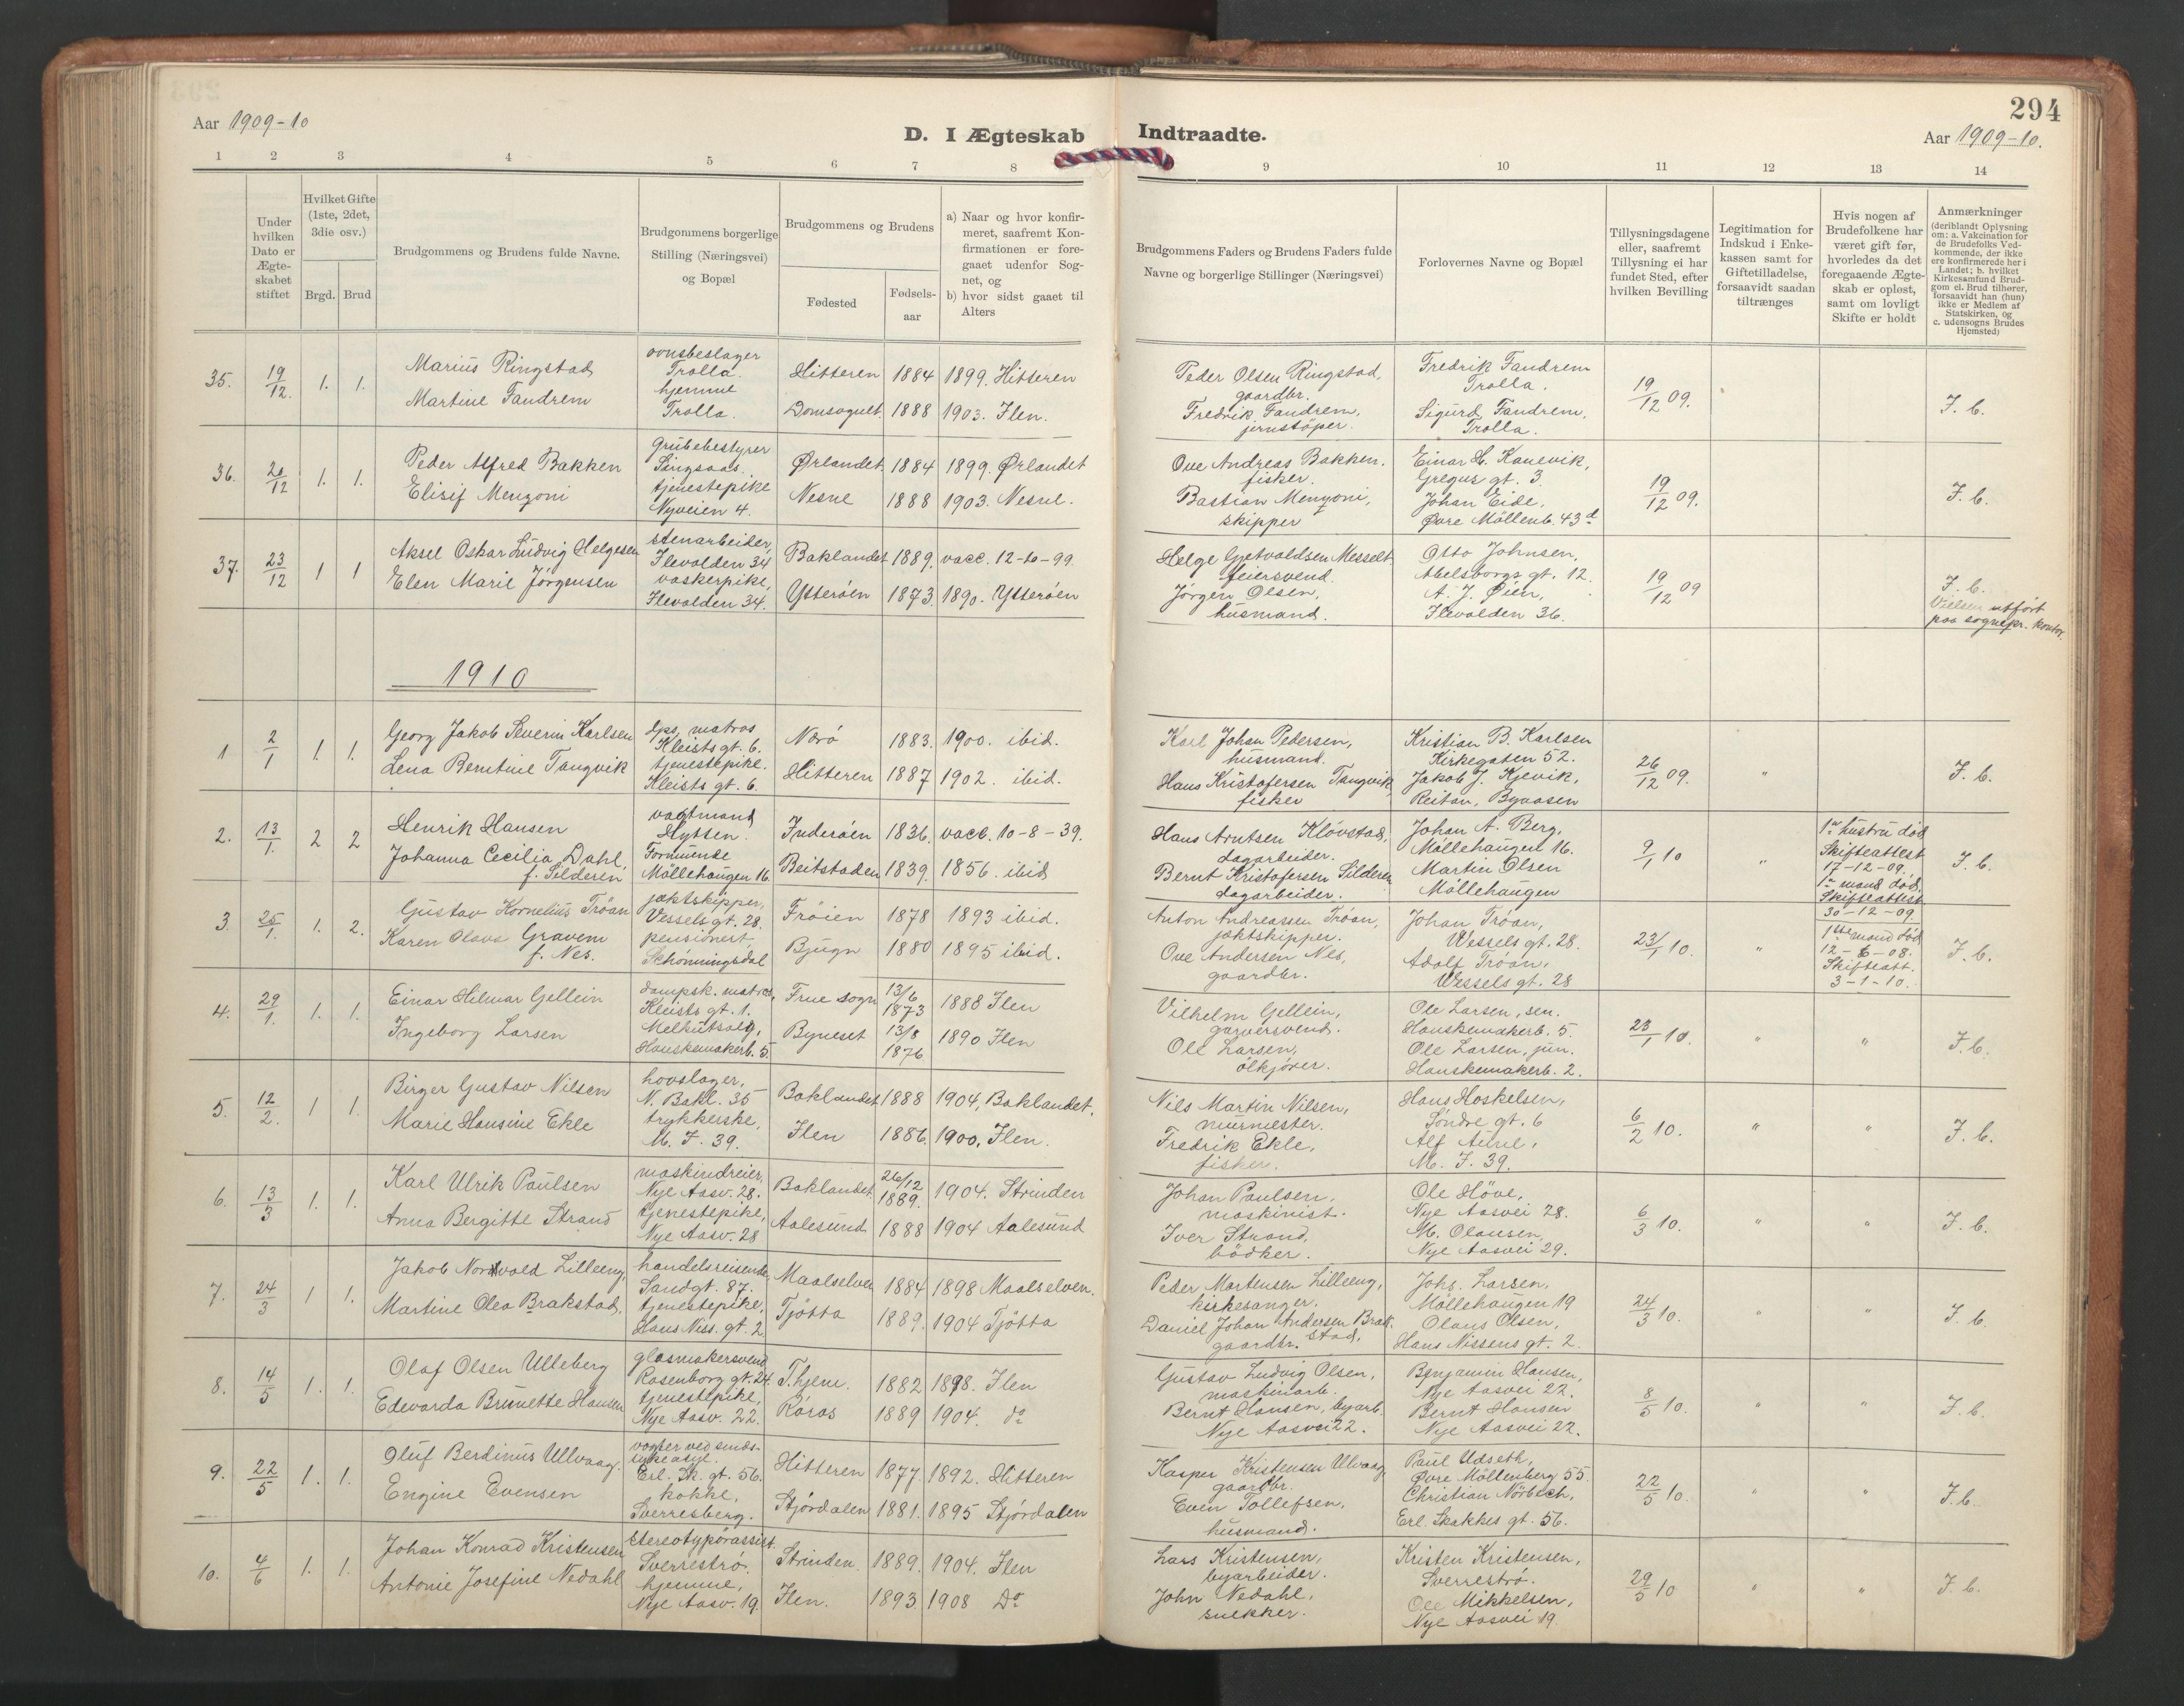 SAT, Ministerialprotokoller, klokkerbøker og fødselsregistre - Sør-Trøndelag, 603/L0173: Klokkerbok nr. 603C01, 1907-1962, s. 294